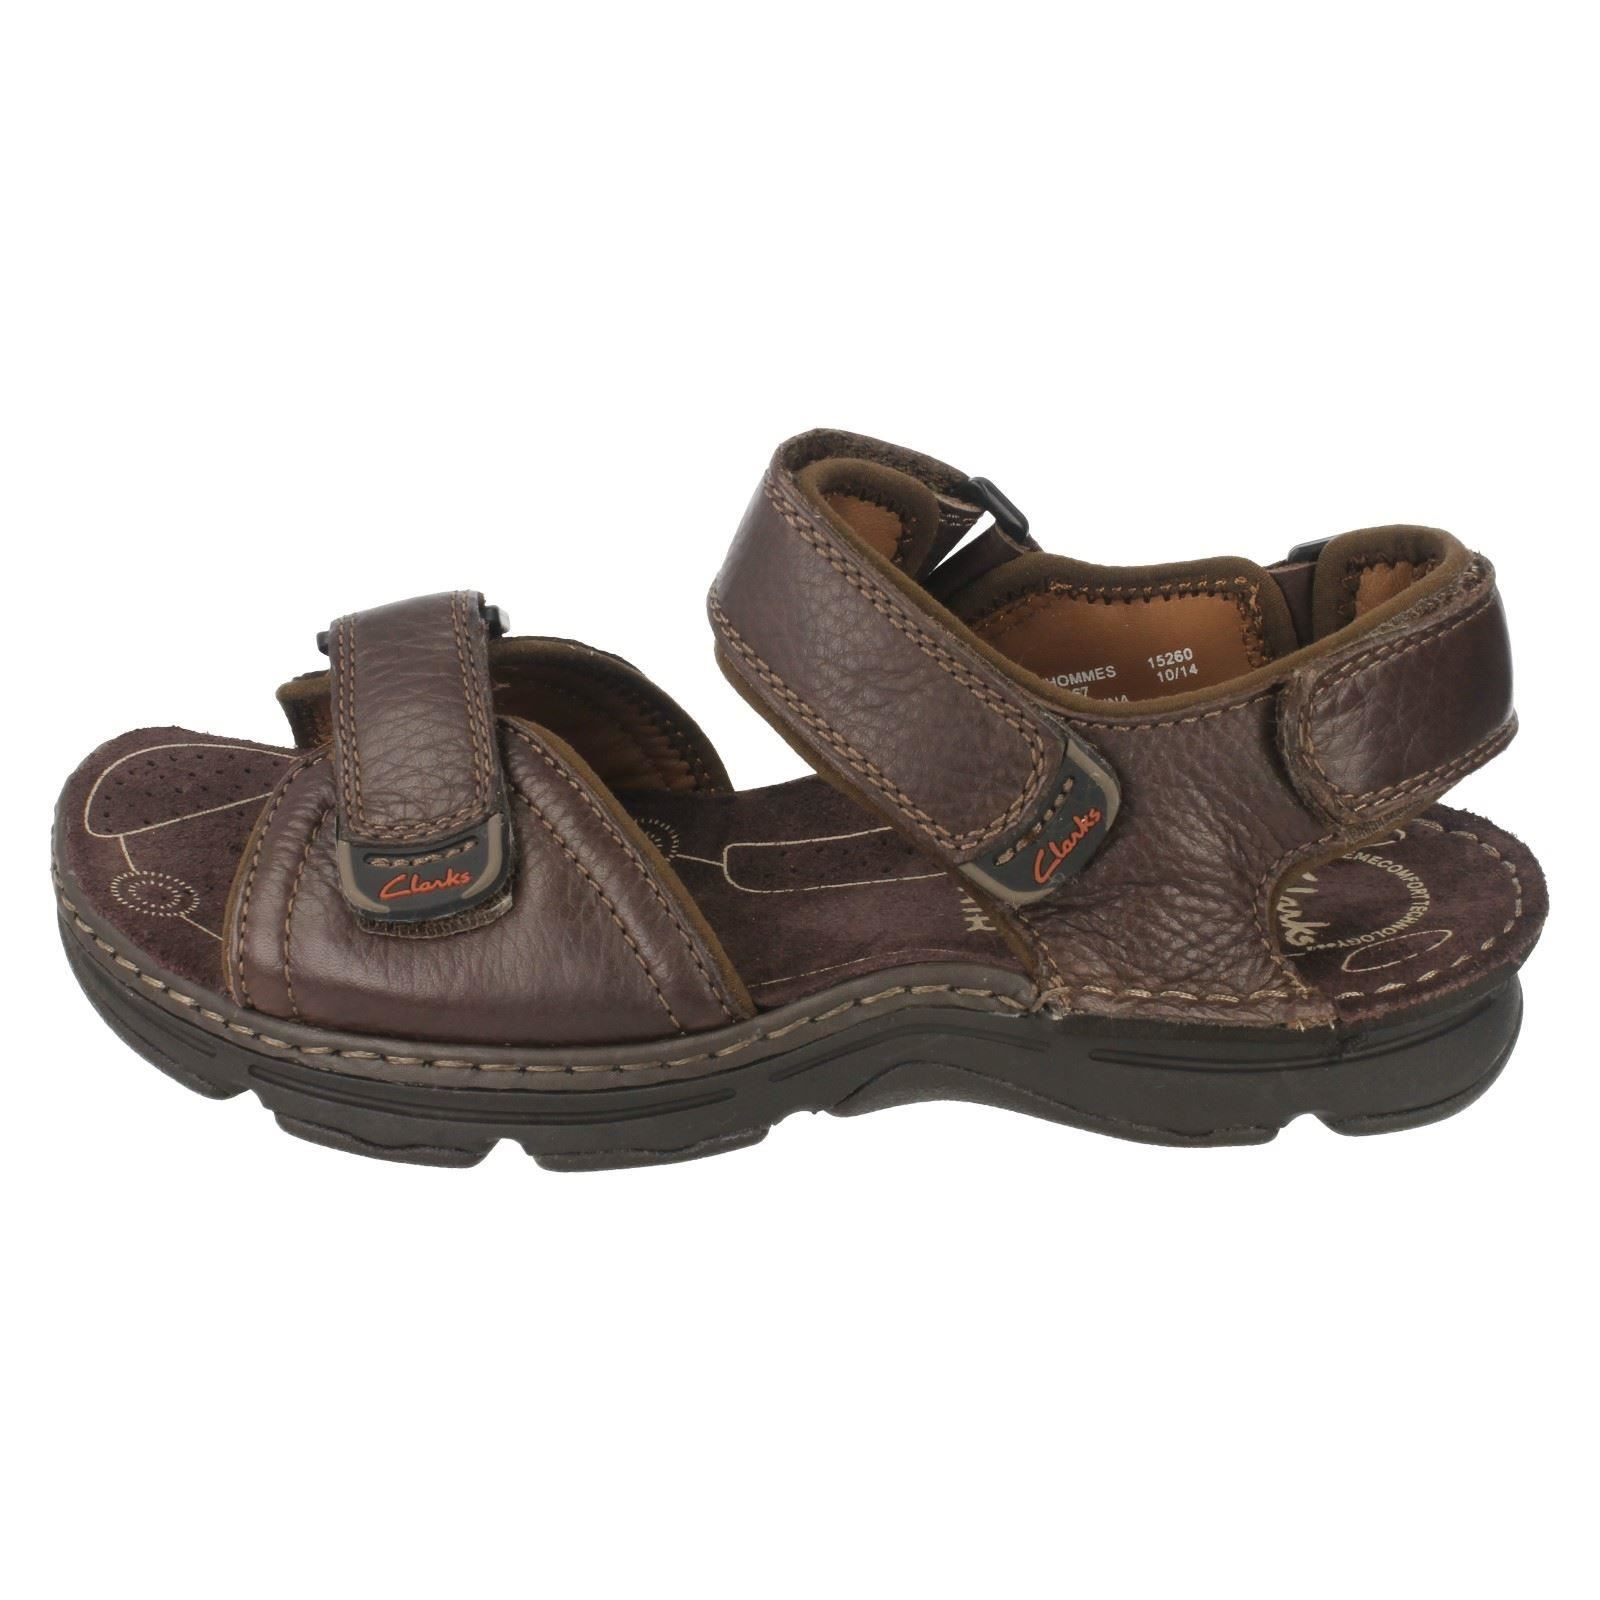 Men's Clarks Sandals Style ATL Part